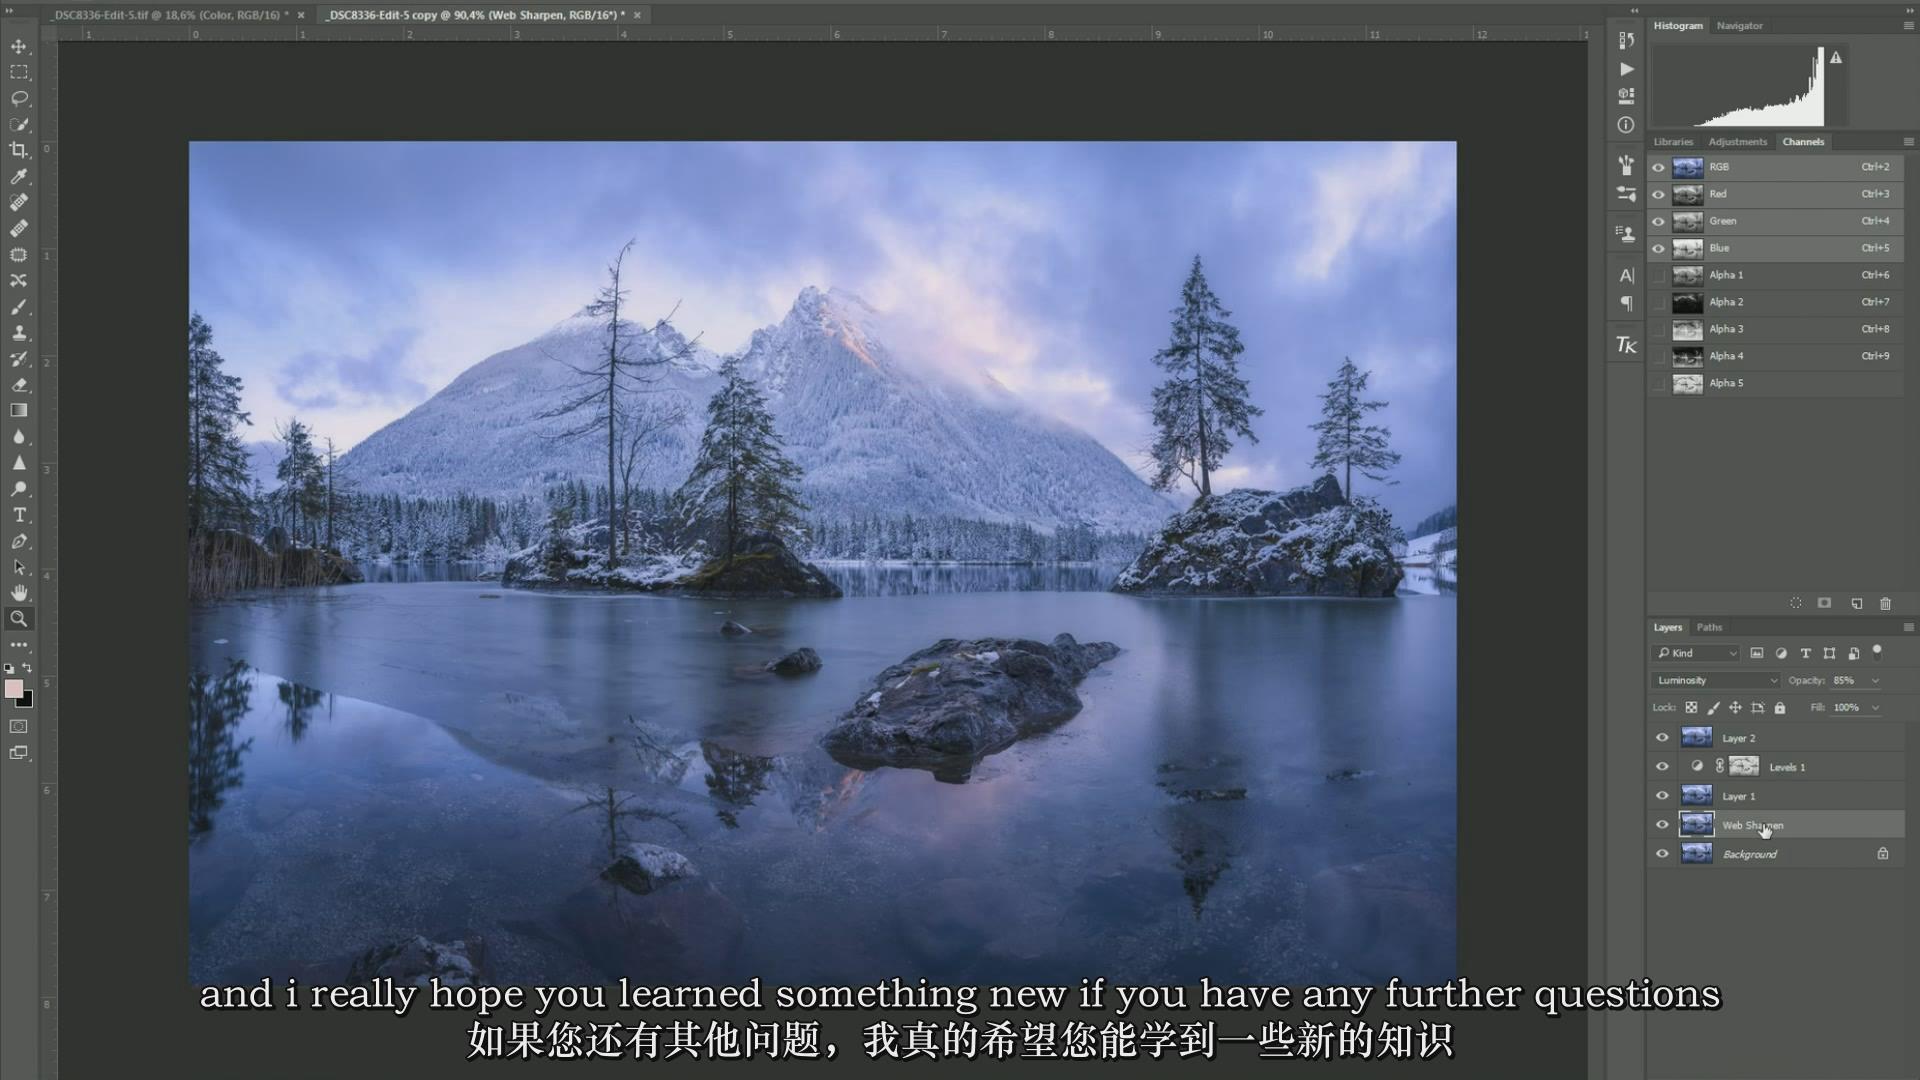 摄影教程_Daniel Fleischhacker景观和自然风光摄影Photoshop后期大师班-中英字幕 摄影教程 _预览图7